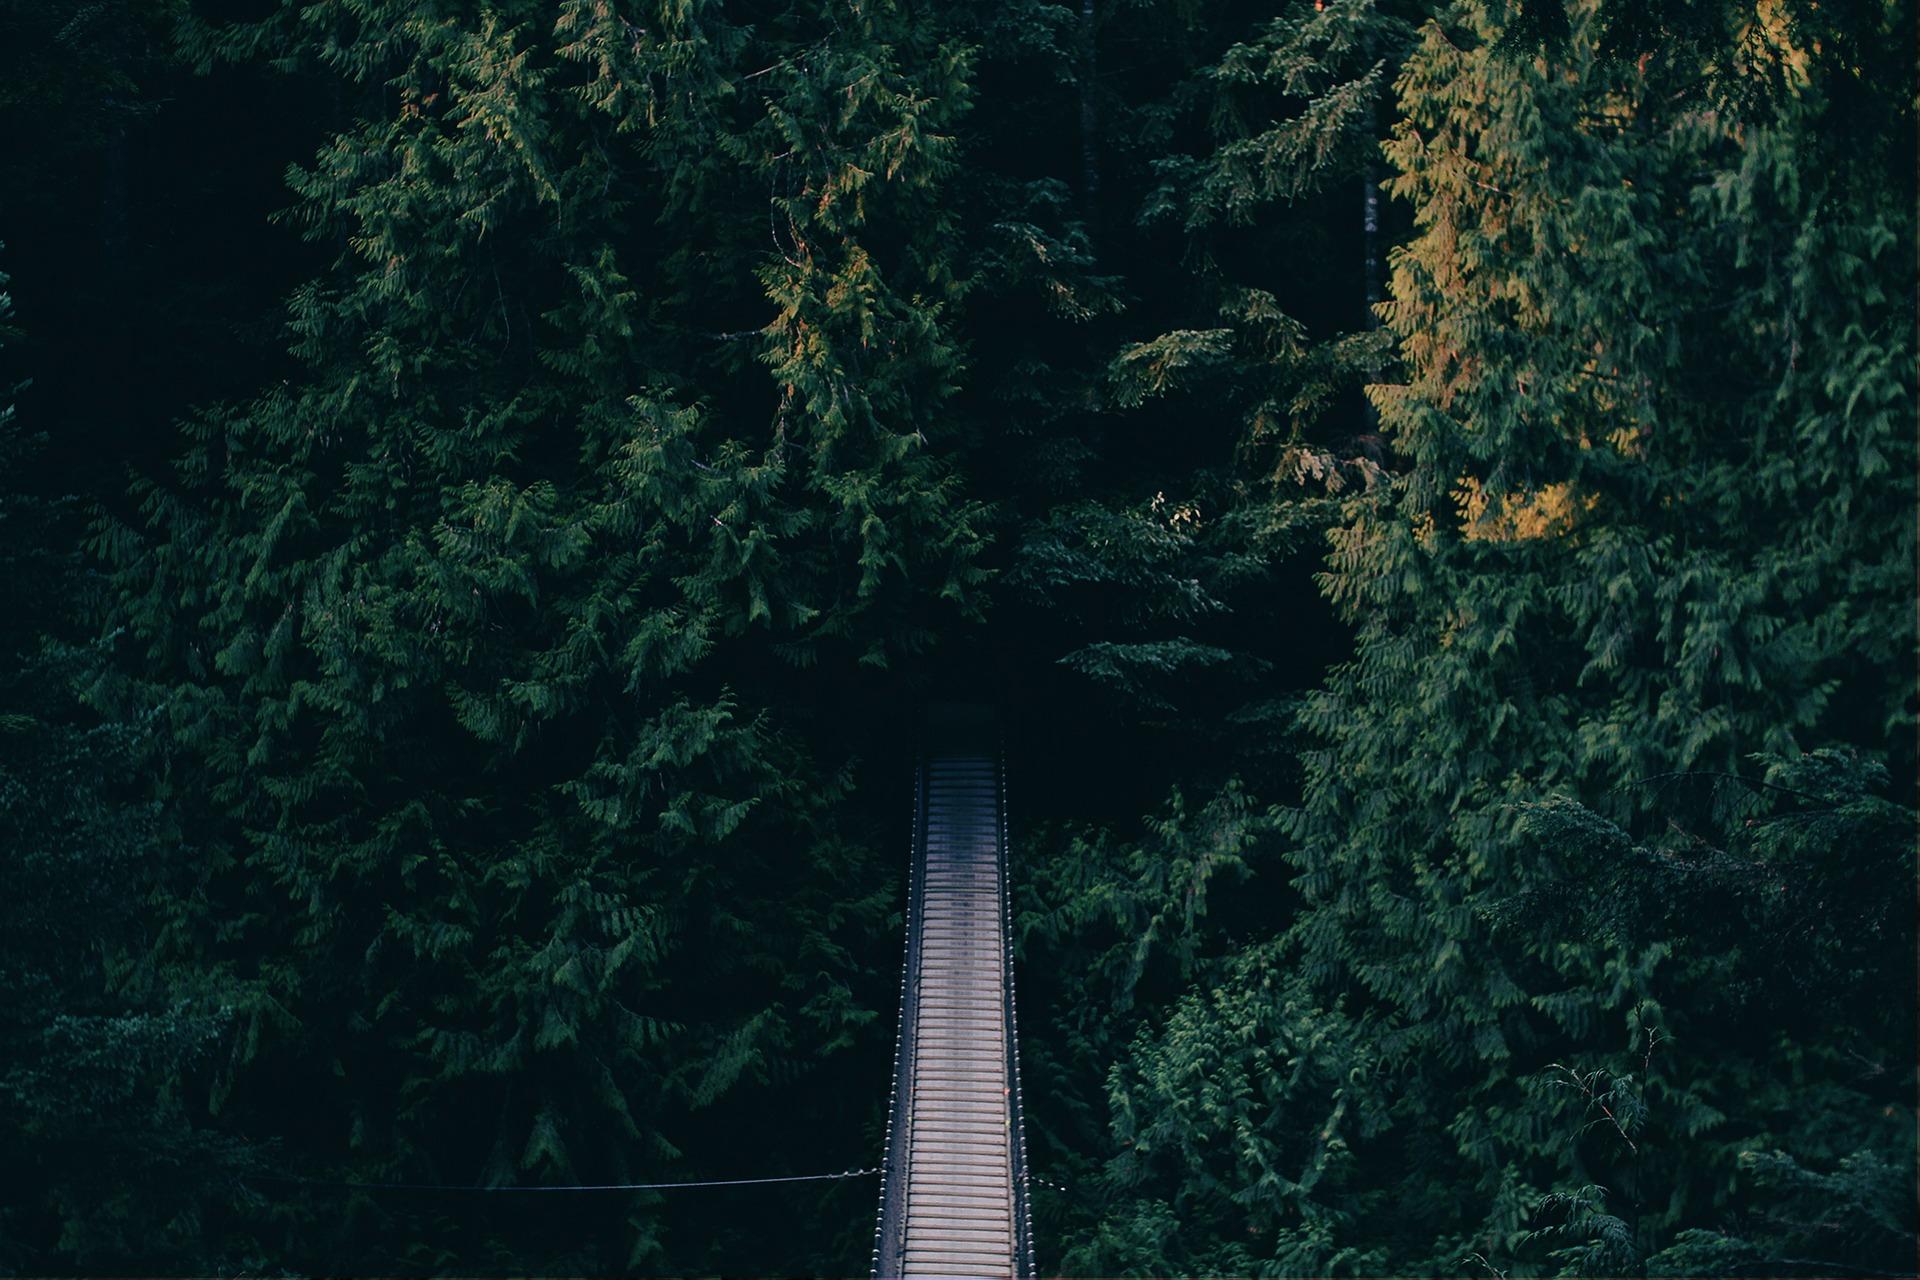 Análisis de riesgos y oportunidades en relación a la empresa y el entorno